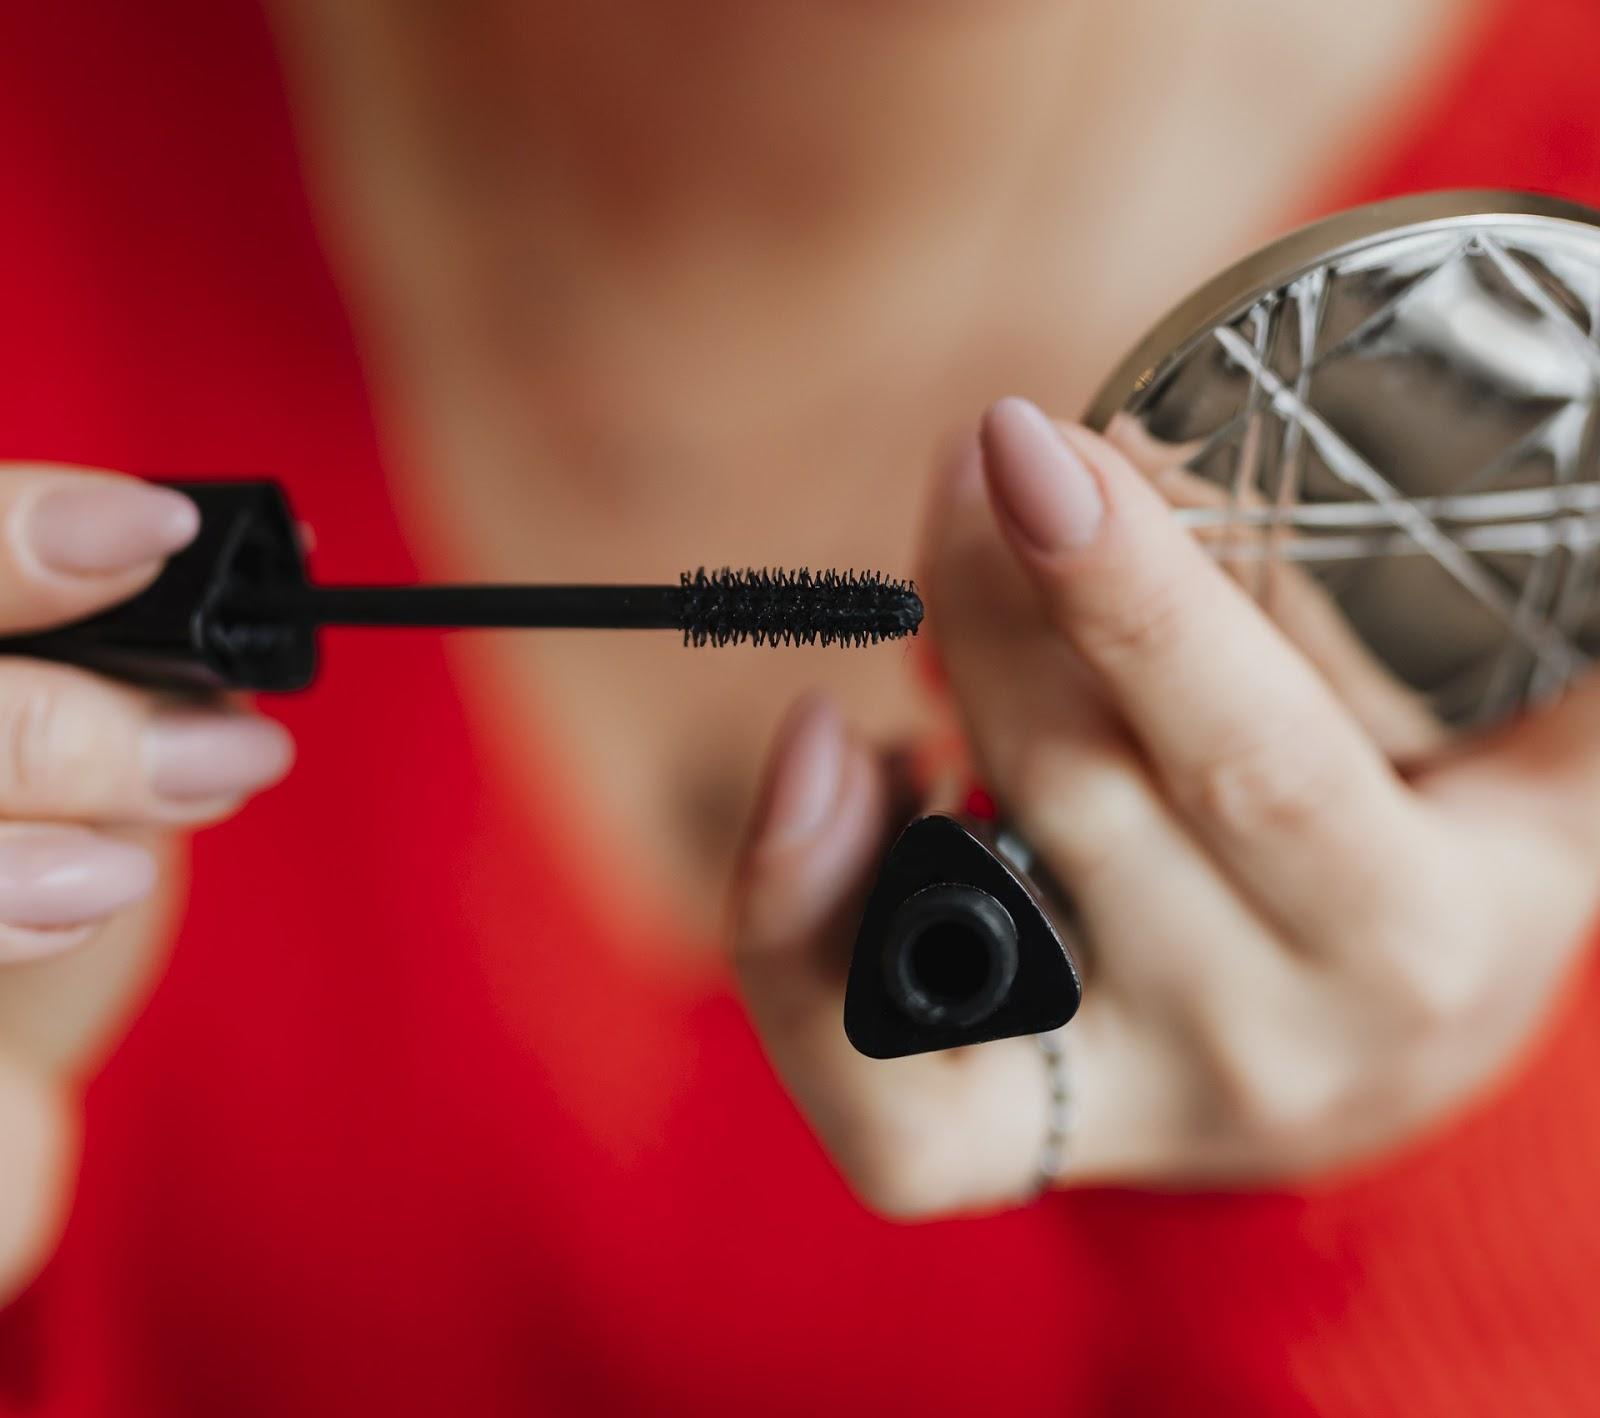 Koniec z pisaniem nieprawdy na opakowaniach kosmetyków ? / Słowa nie zawiera i hipoalergiczny maja zniknąć z opakowań -  zmiany w prawie od 1 lipca 2019